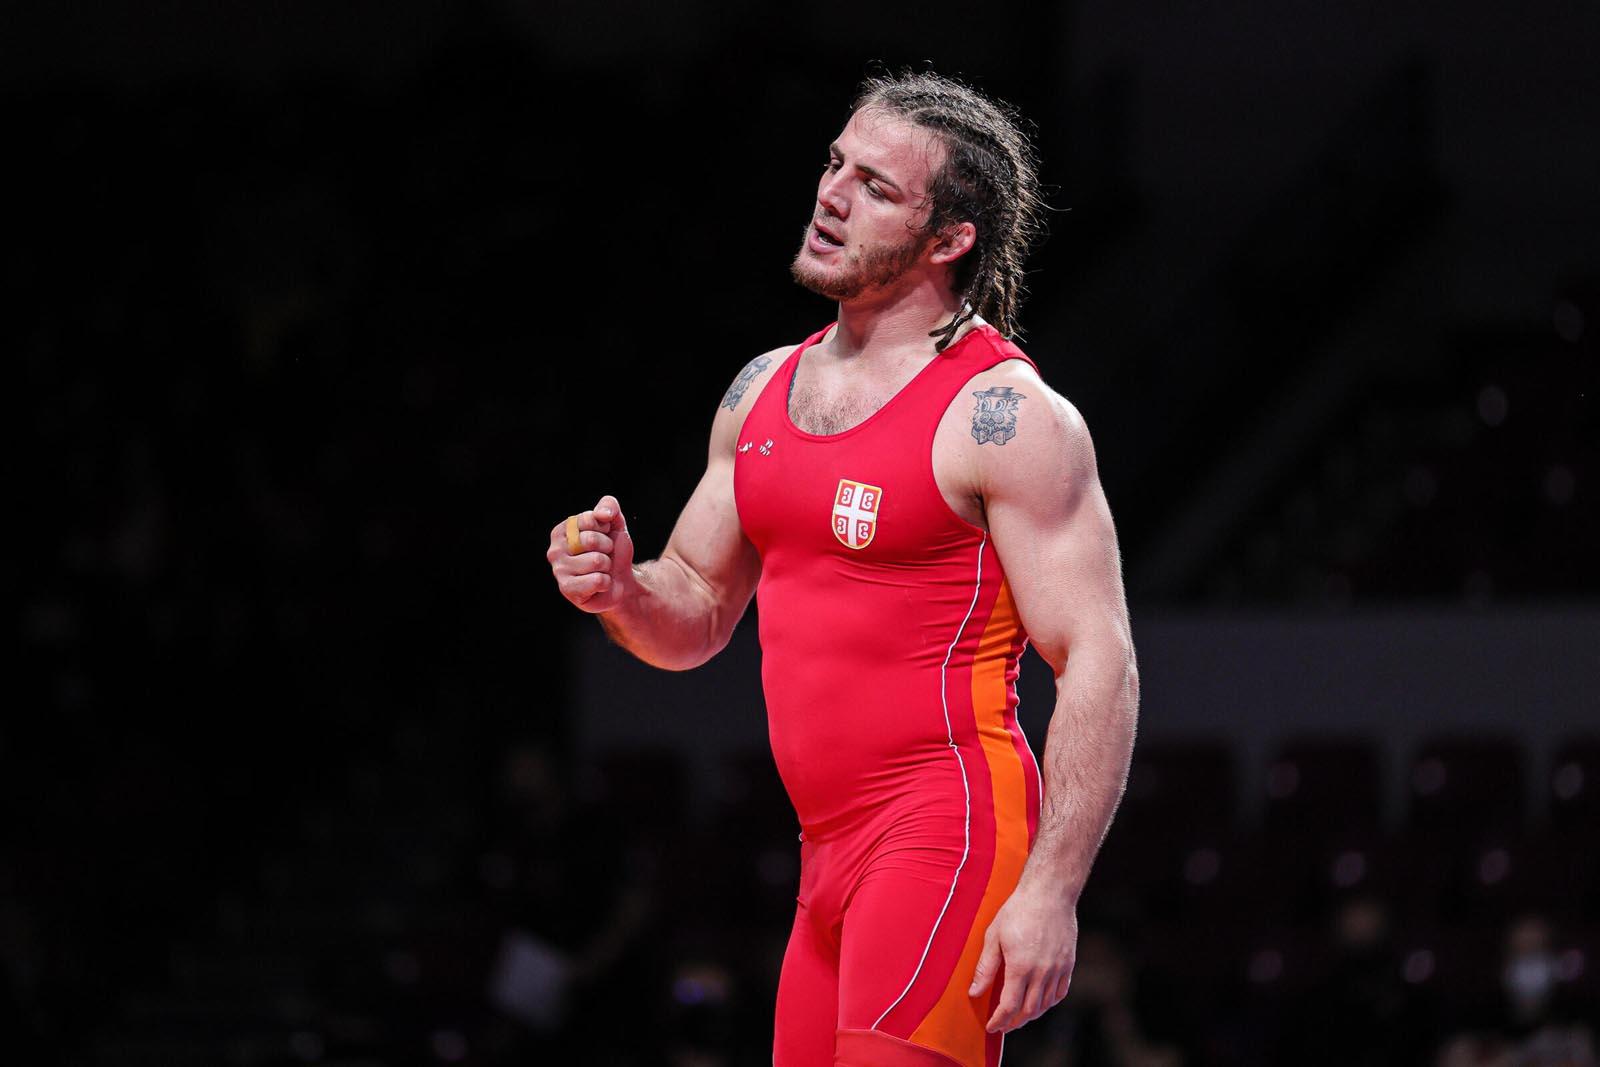 Olimpijske igre: Datunašviliju bronzana medalja u rvanju!